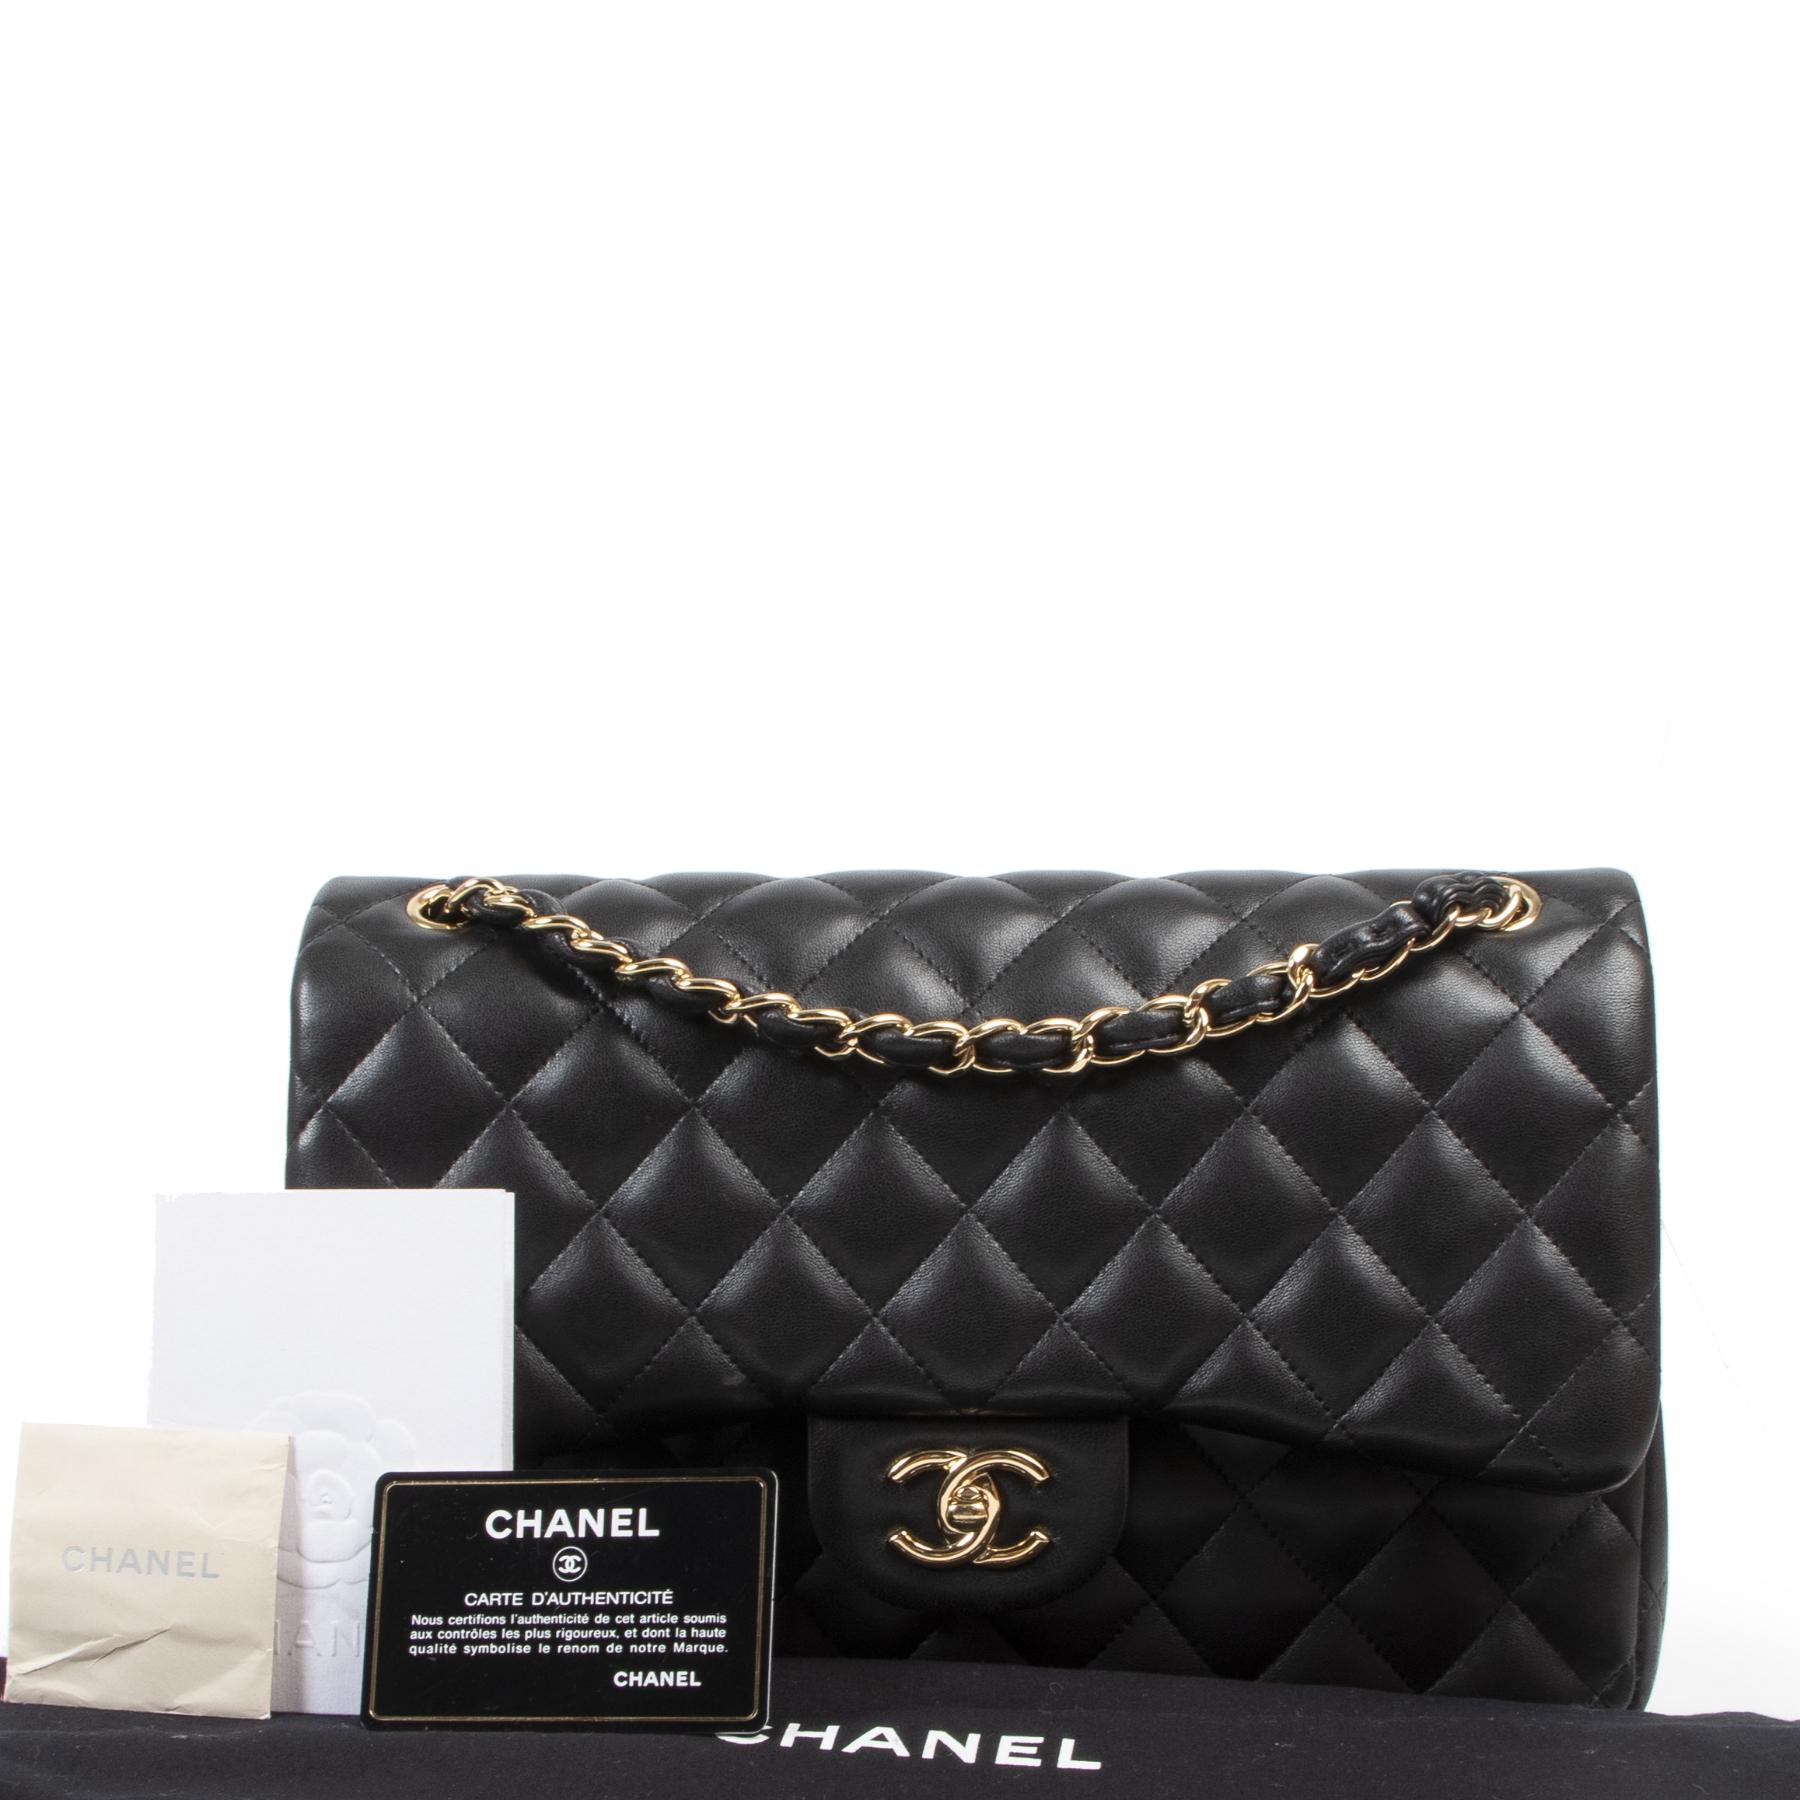 Authentieke Tweedehands Chanel Jumbo Classic Flap Bag Black Lambskin GHW juiste prijs veilig online shoppen luxe merken webshop winkelen Antwerpen België mode fashion